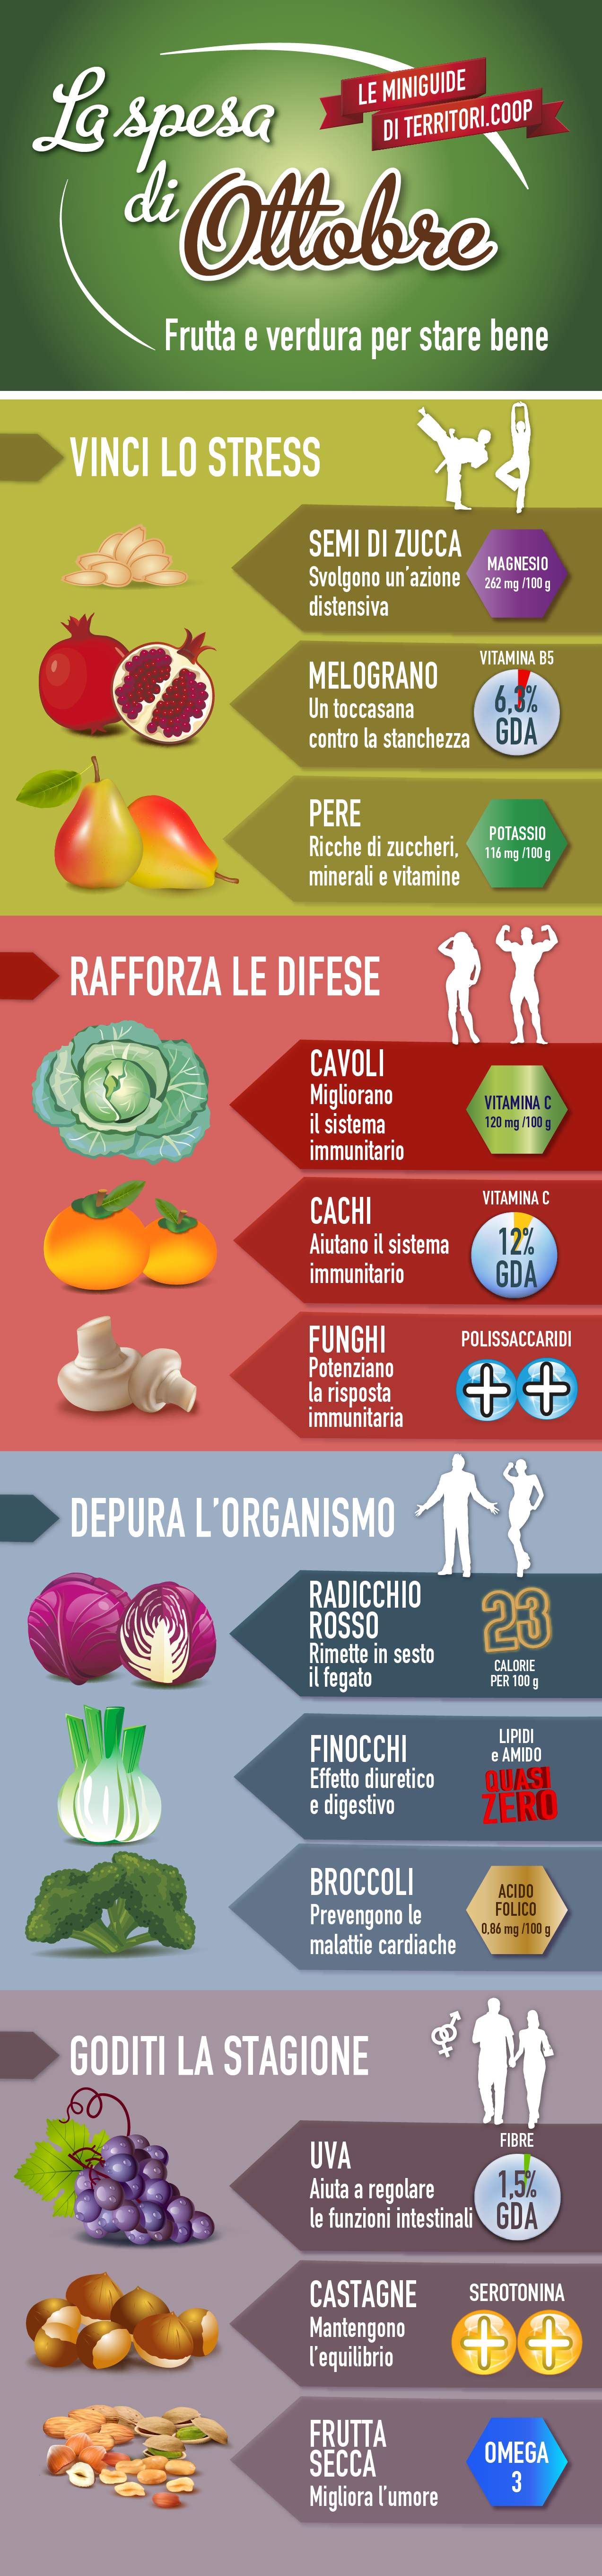 La spesa di ottobre #territoriCoop #frutta #verdura #stagione